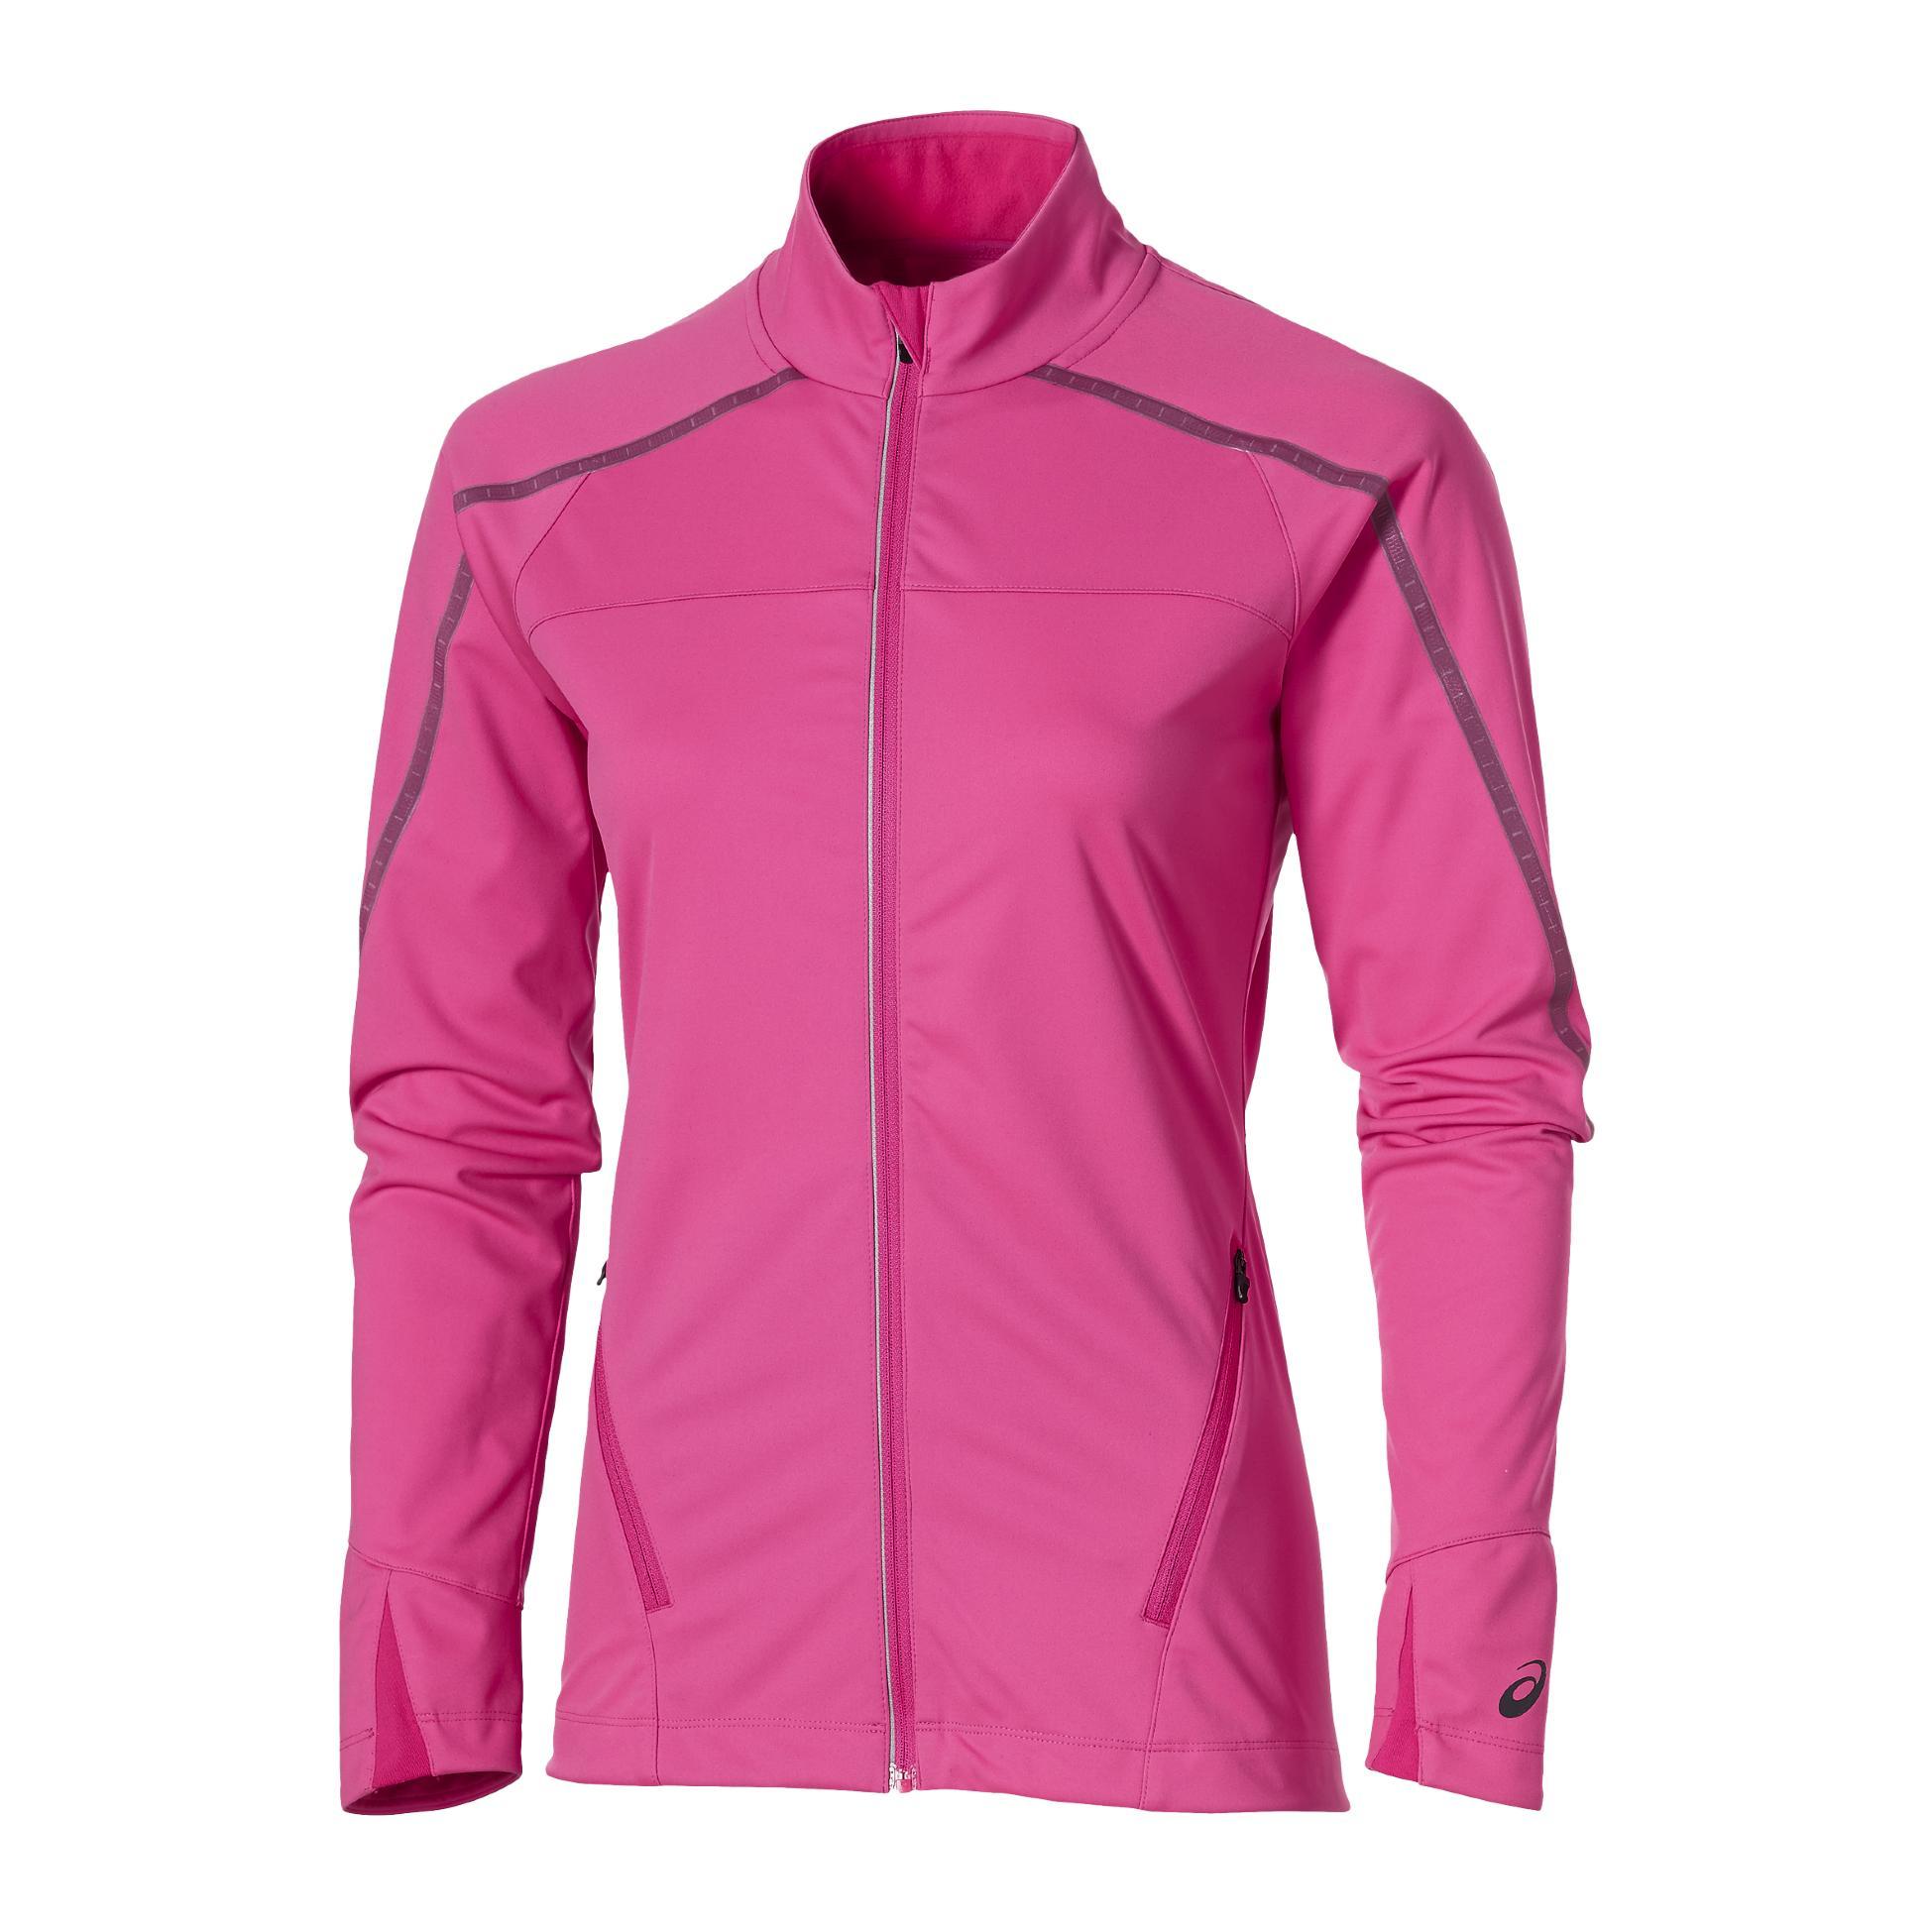 Veste running asics femme rose